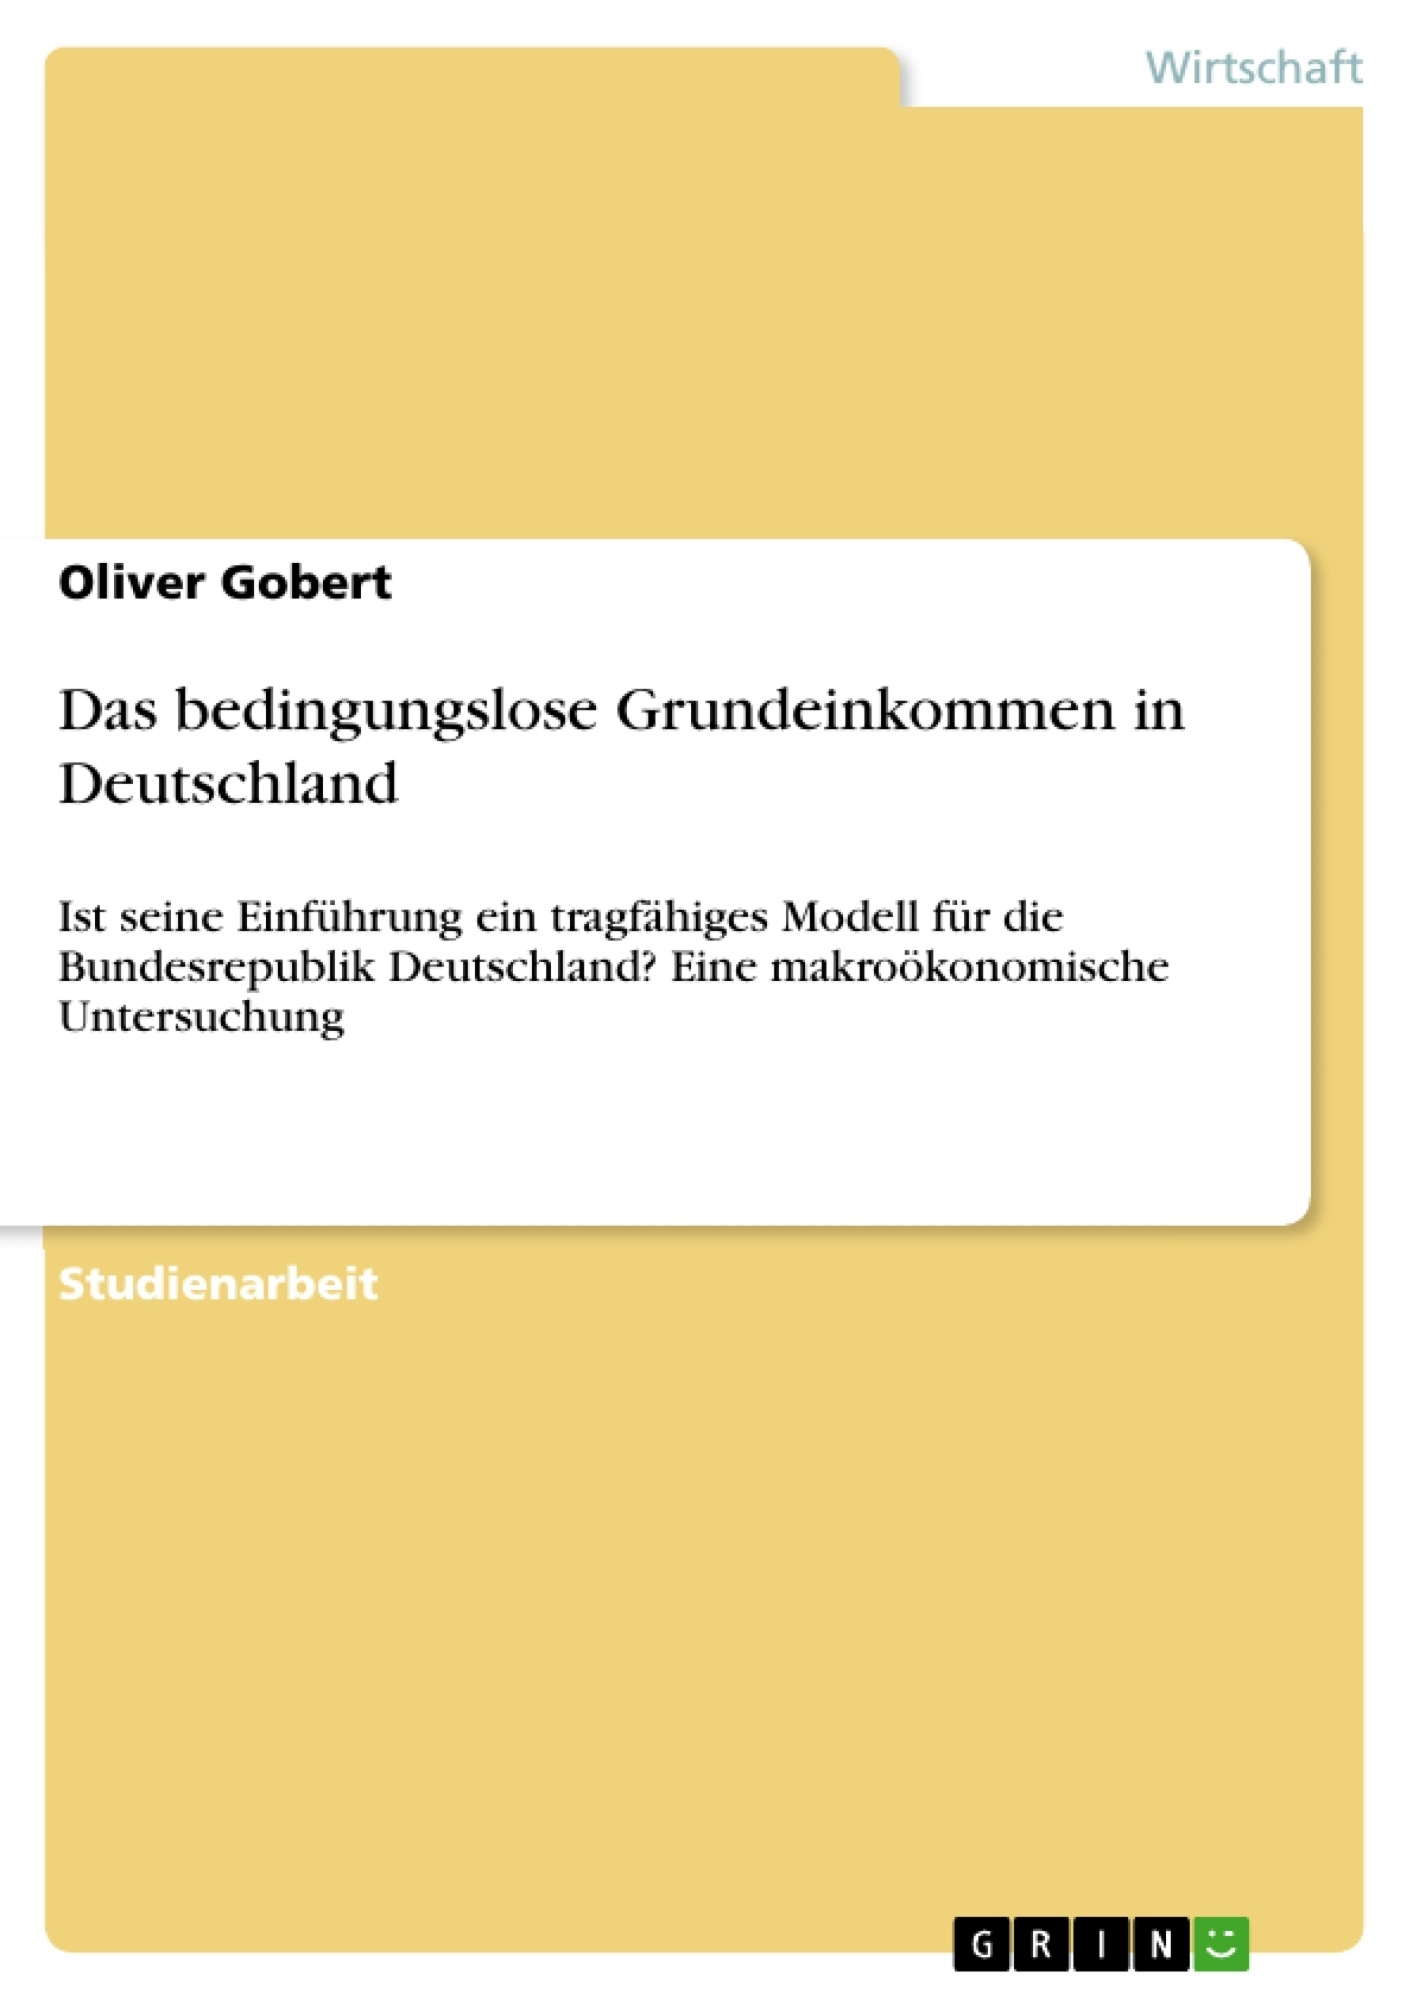 Titel: Das bedingungslose Grundeinkommen in Deutschland